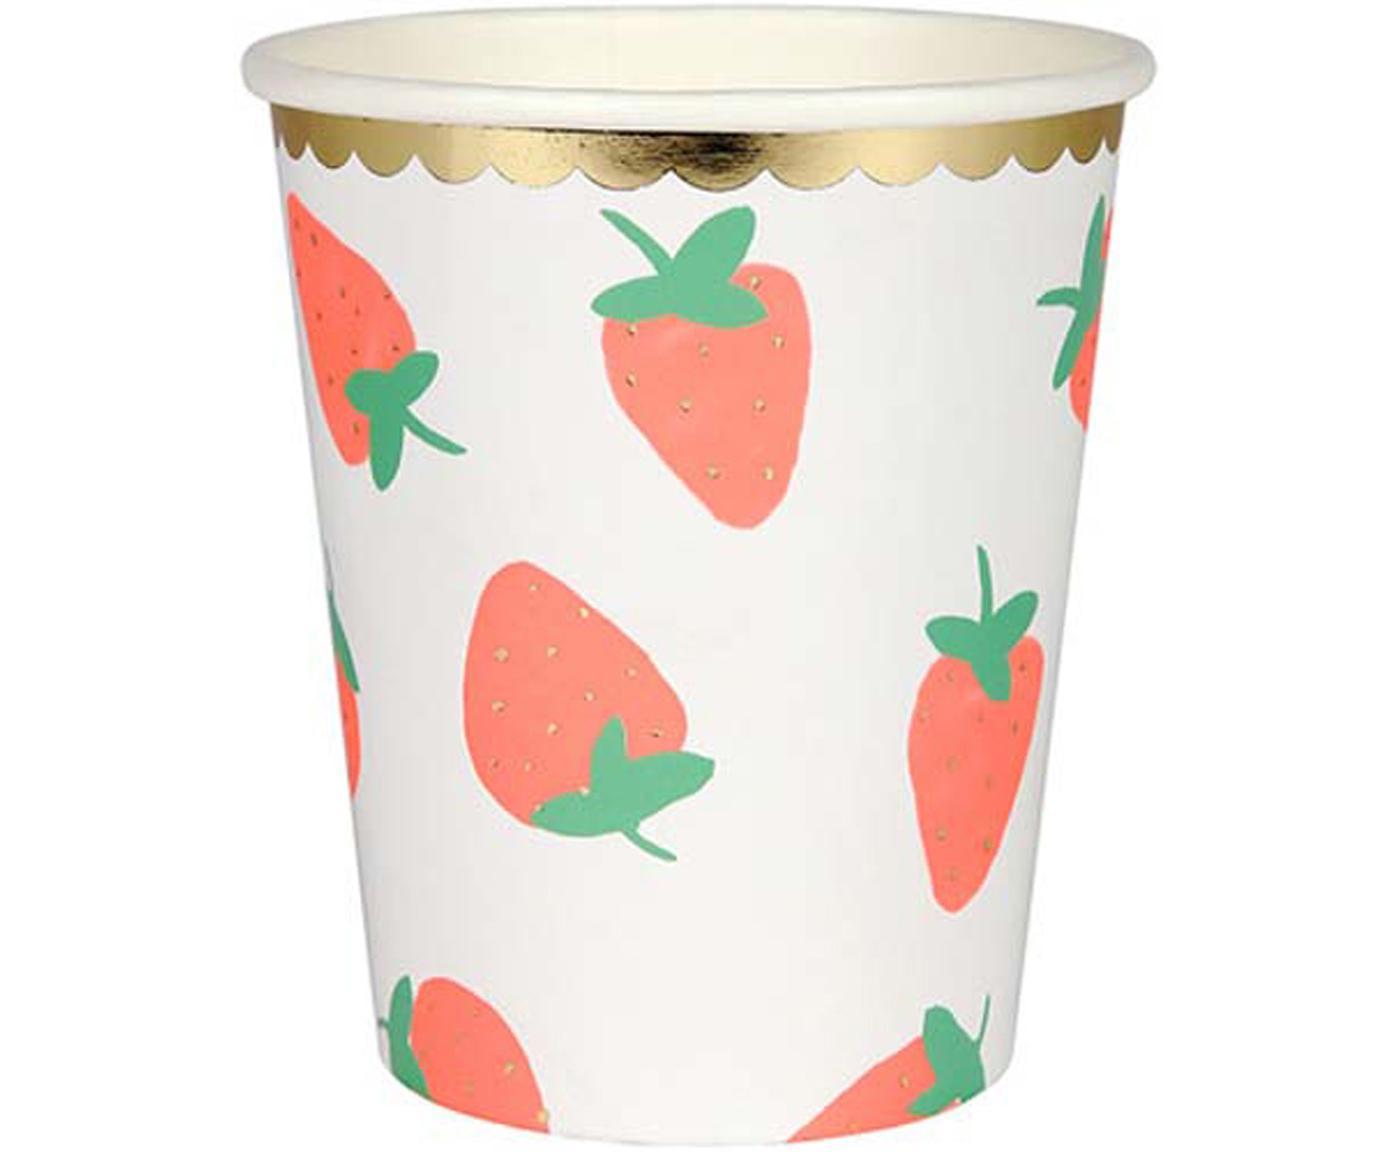 Tazza senza manico di carta Strawberry, 8 pz., Carta, sventati, Bianco, rosa, verde, Ø 8 x Alt. 8 cm